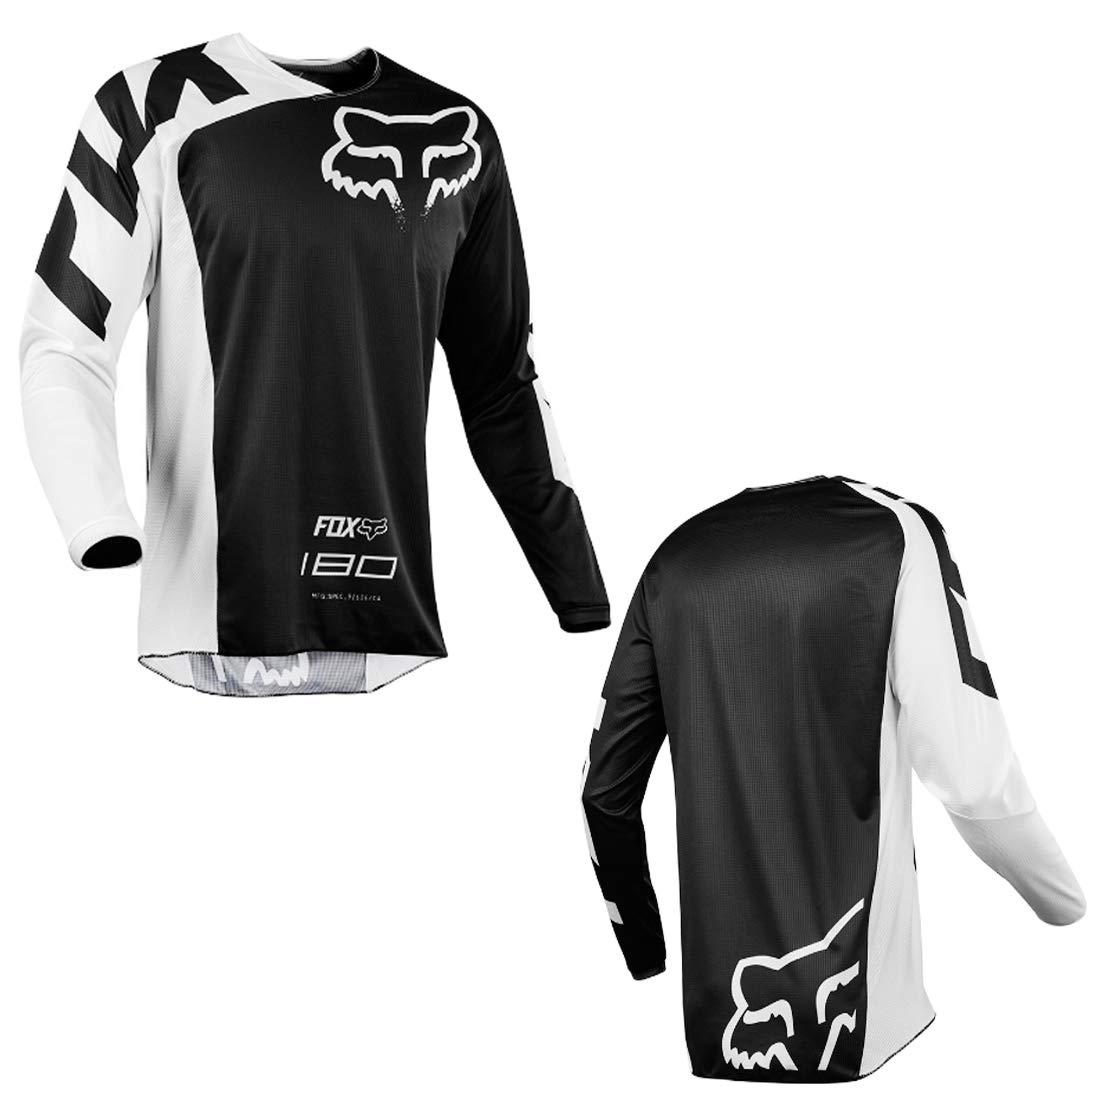 YSYFZ Maillot VTT Cyclisme en Plein air Sport v/élo Costume Costume Chemise /à Manches Longues Service Moto Hors Route T-Shirt /à Manches Longues Costume de Descente v/êtements de Sport Tout Terrain /ét/é